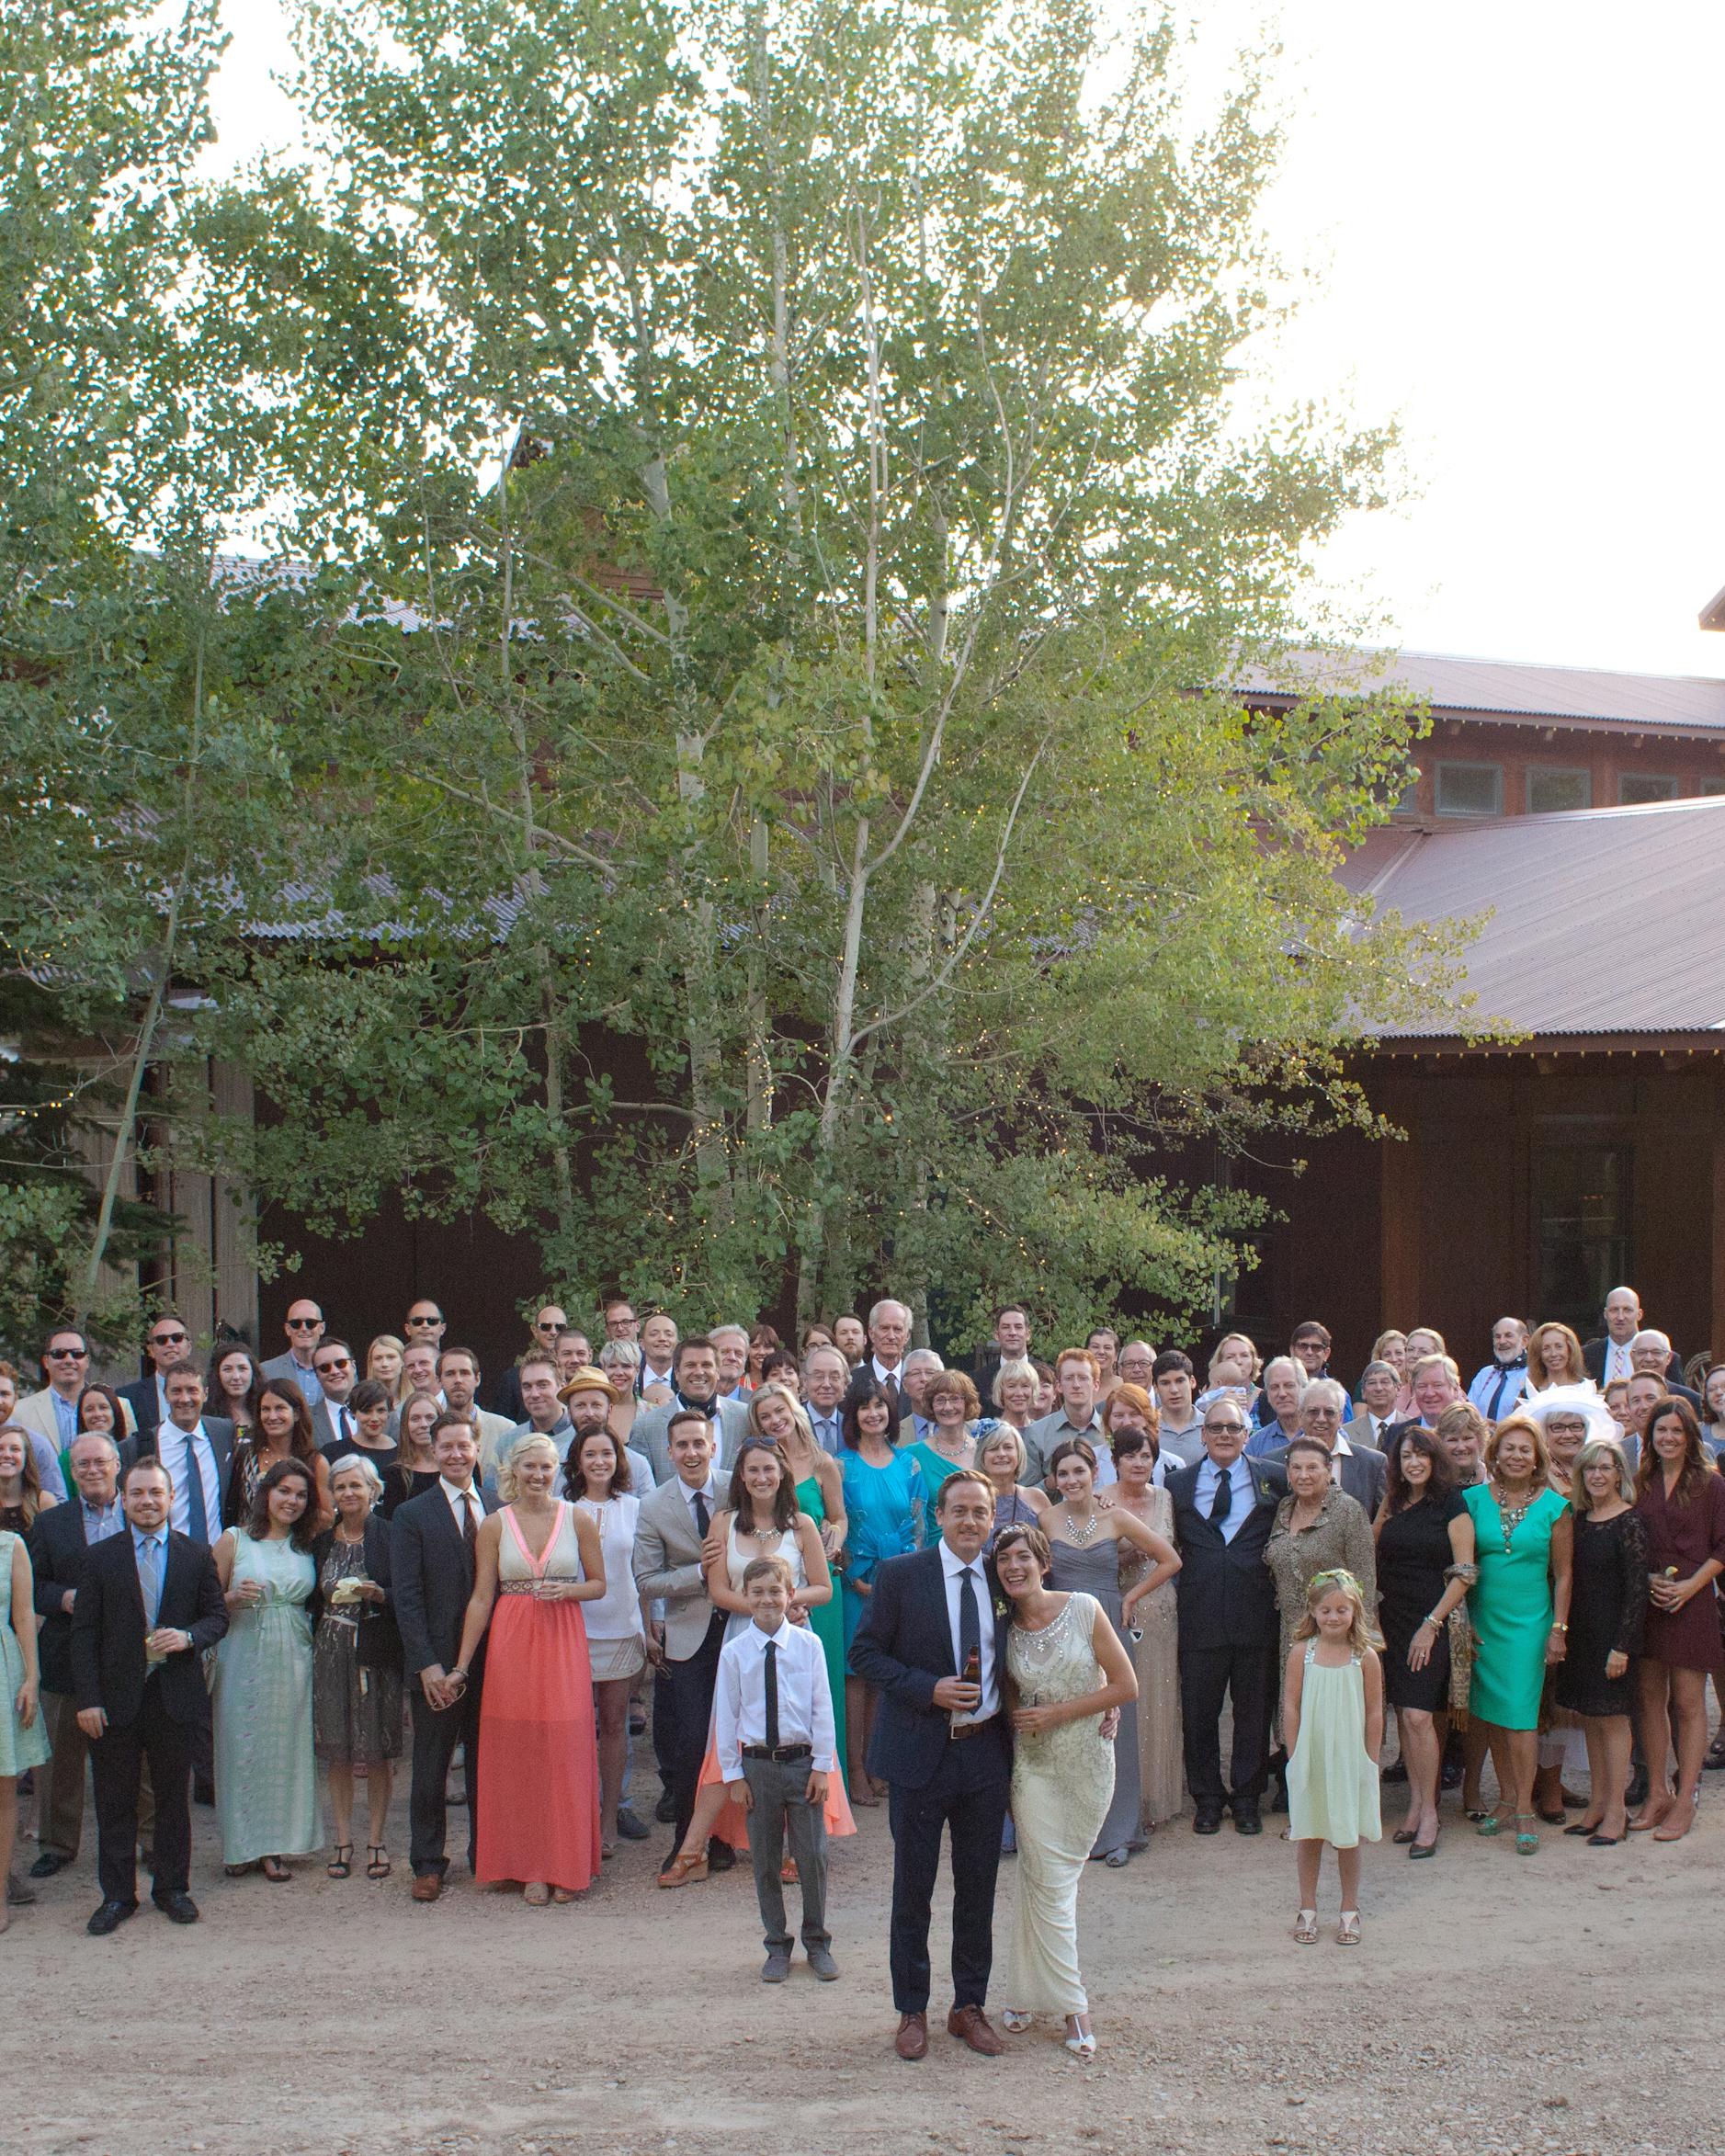 lizzy-pat-wedding-groupshot-131-s111777-0115.jpg